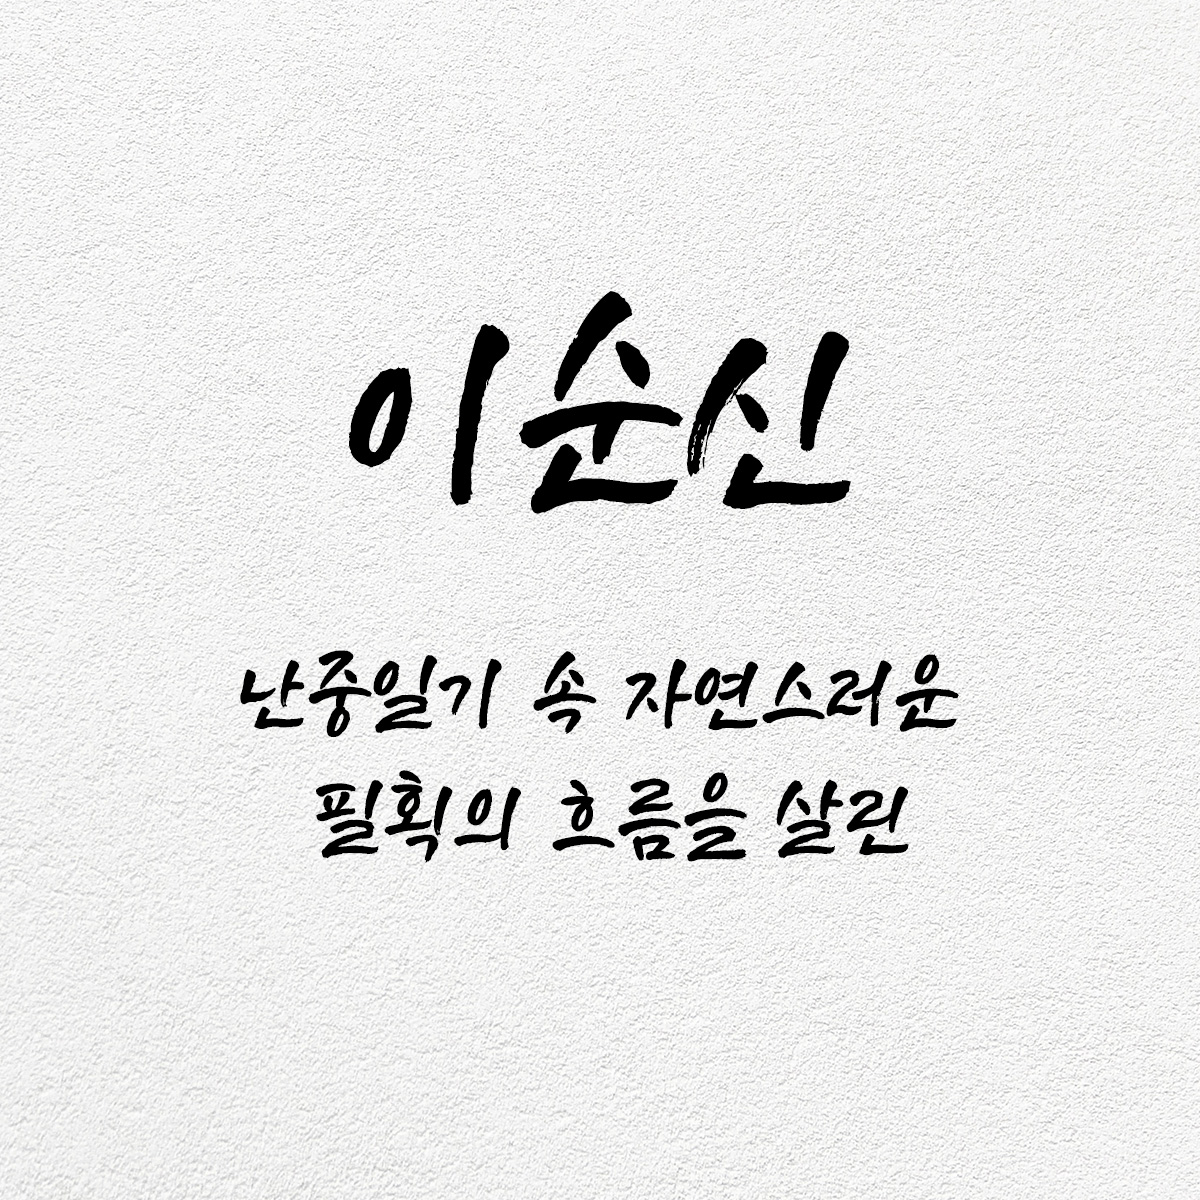 타이포_이순신